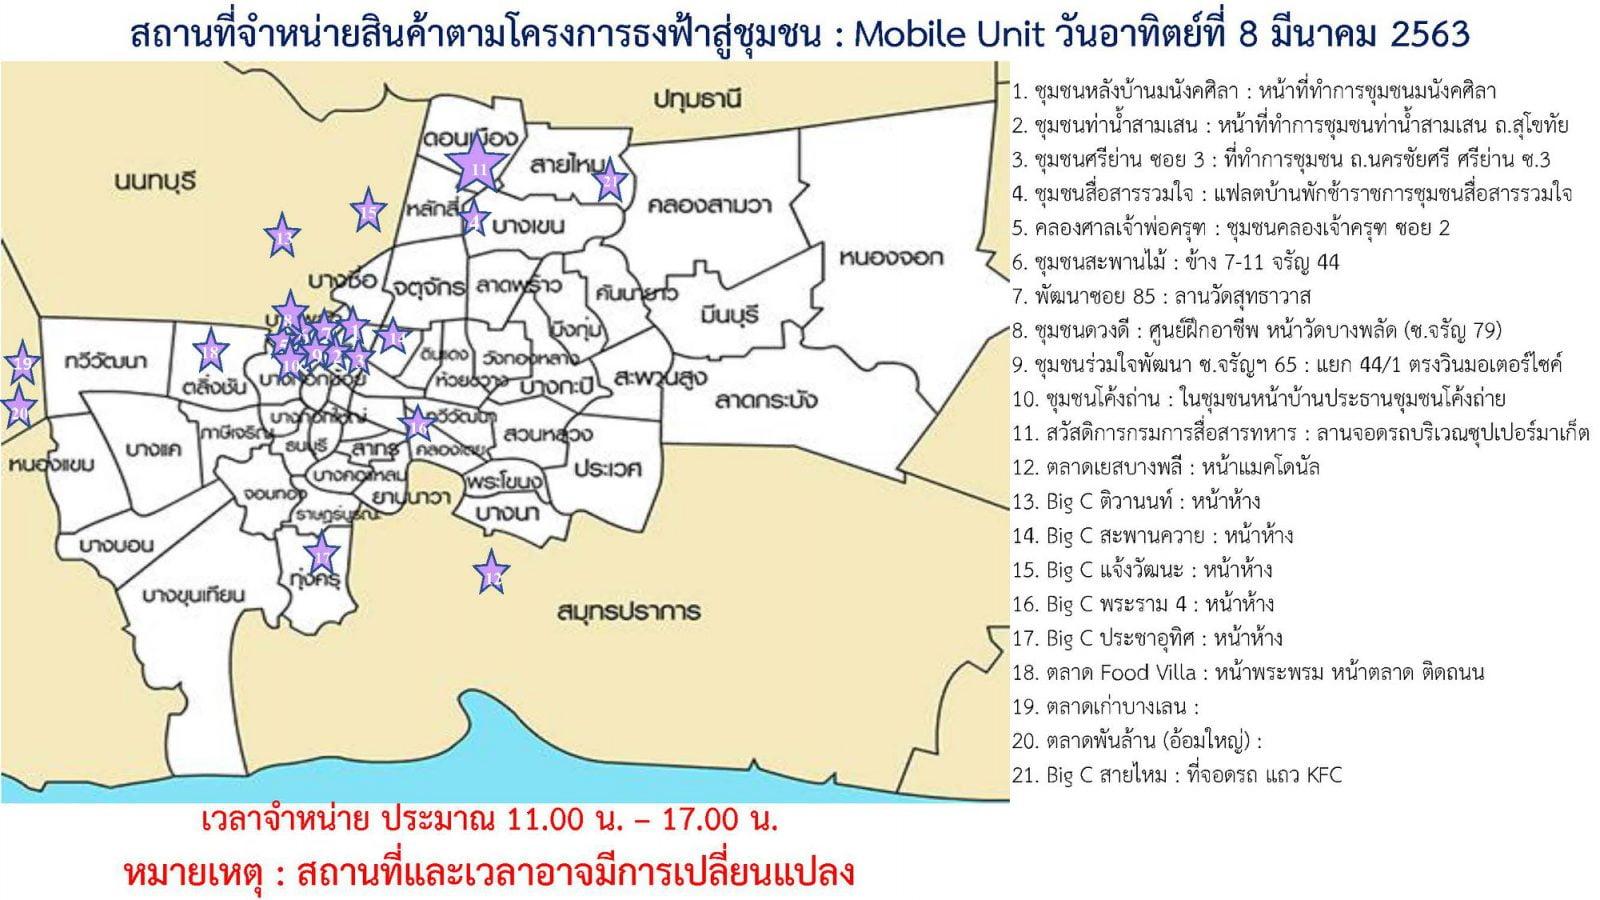 8 มีนาคม 2563 จุดจำหน่ายหน้ากากอนามัย โครงการธงฟ้าสู่ชุมชน (Mobile Unit)